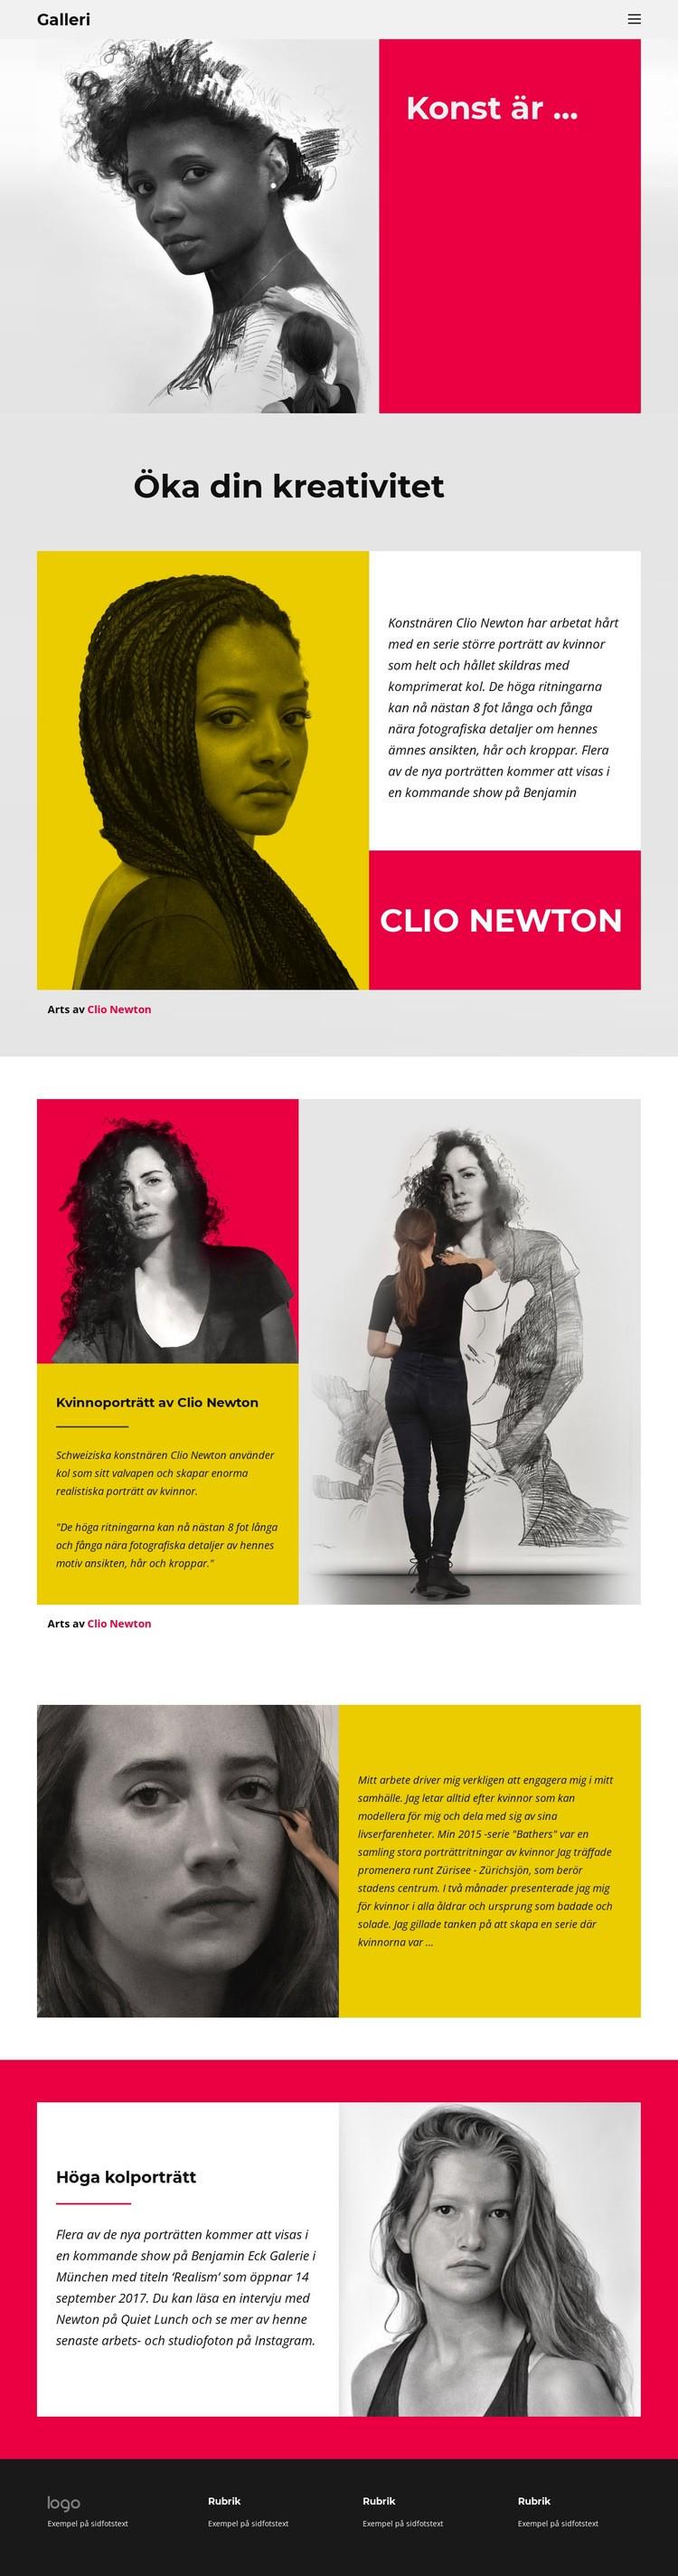 Rita kolporträtt Webbplats mall